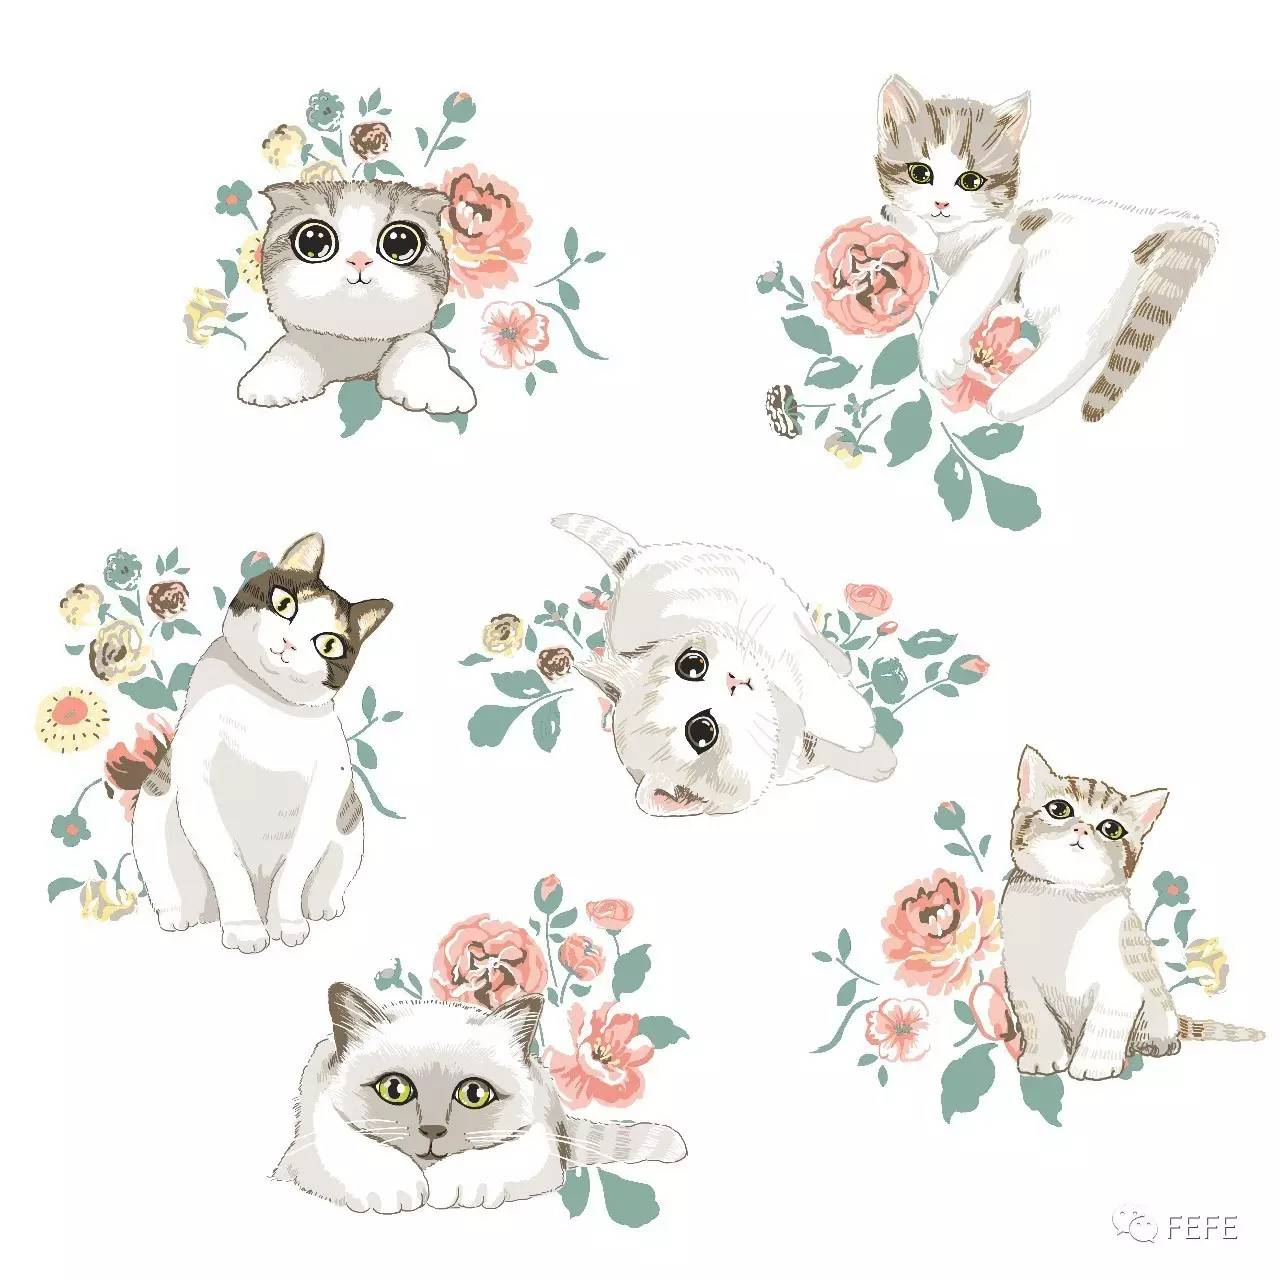 原创手绘萌萌的猫咪_凤凰动漫